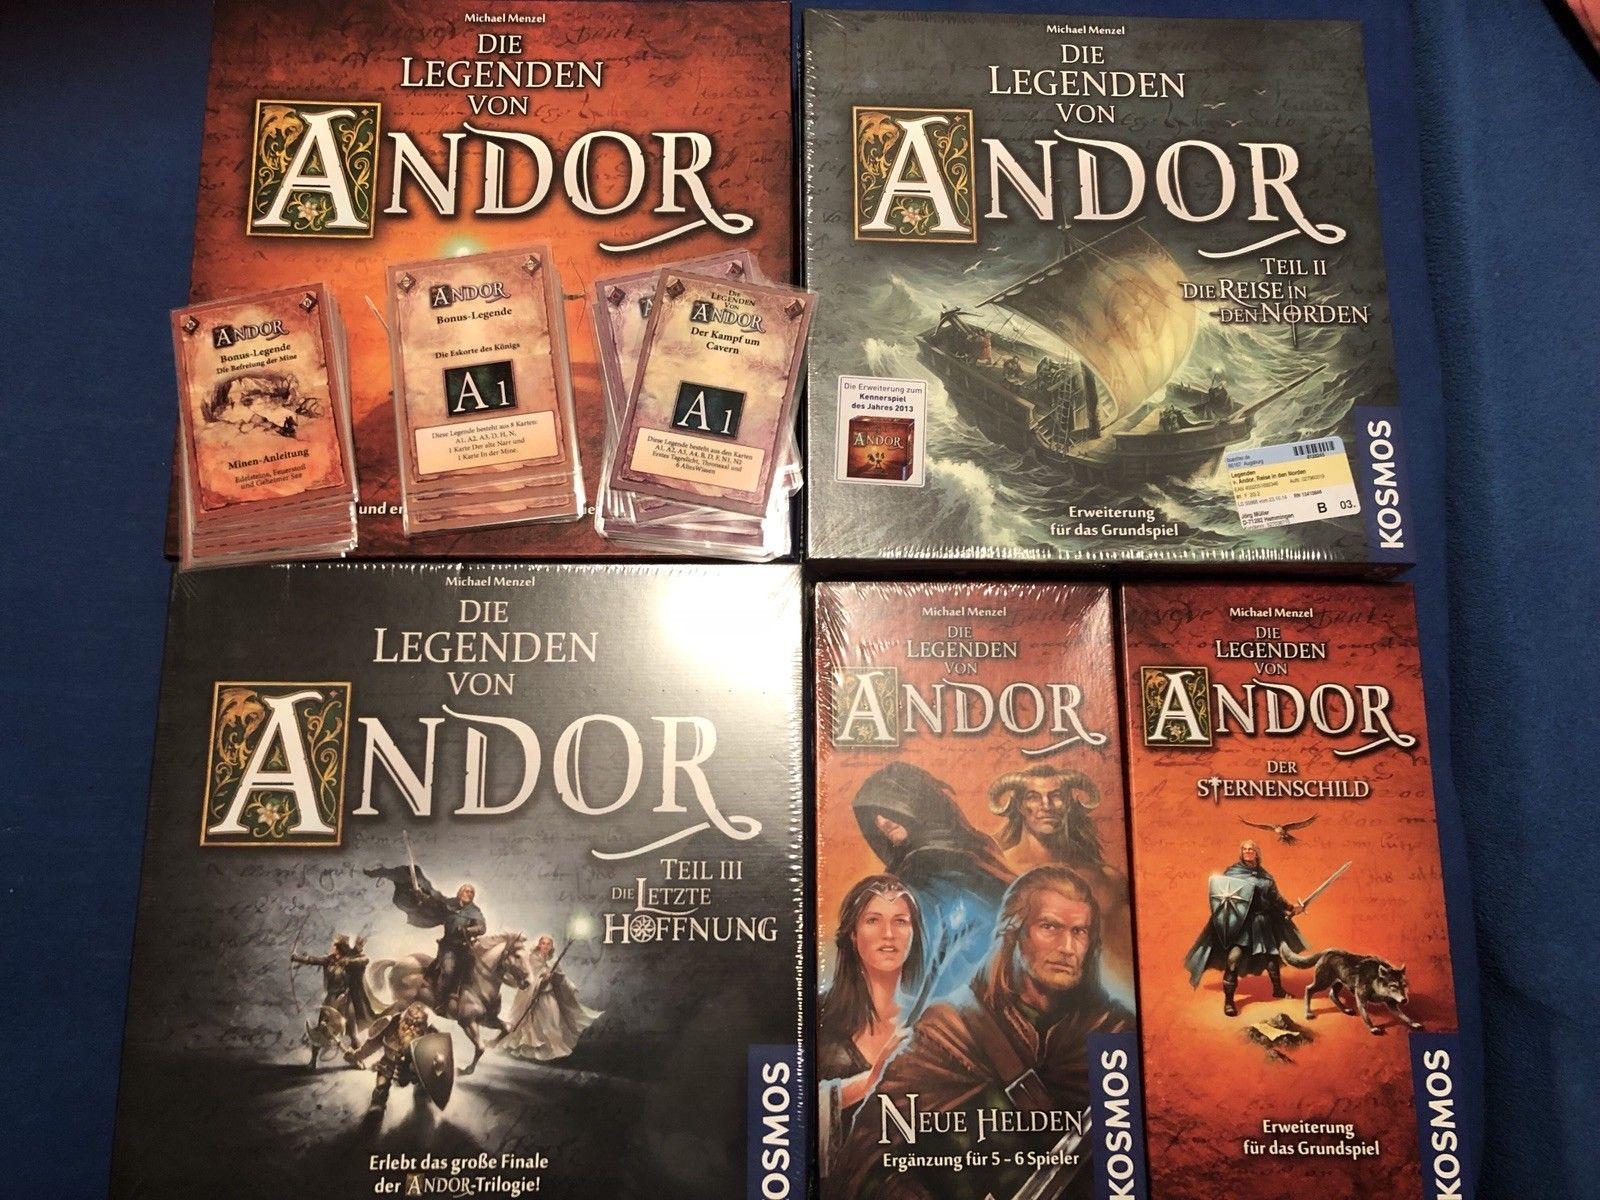 Die Legenden von Andor + Reise in den Norden + Letzte Hoffnung + Erweiterungen